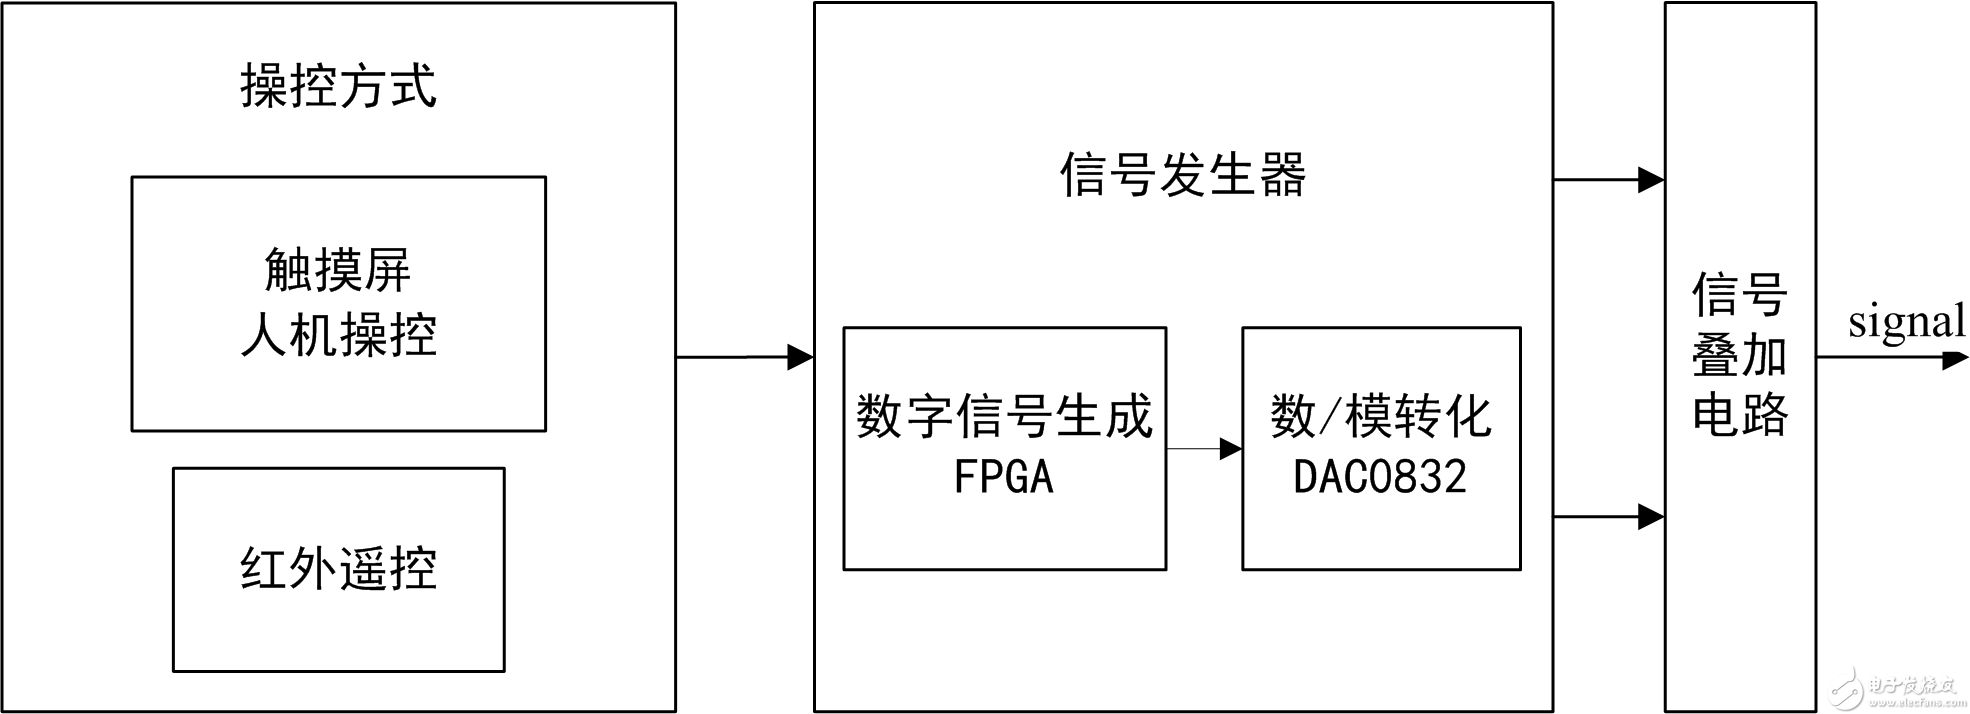 我的毕业设计——基于FPGA的双路低频信号发生器